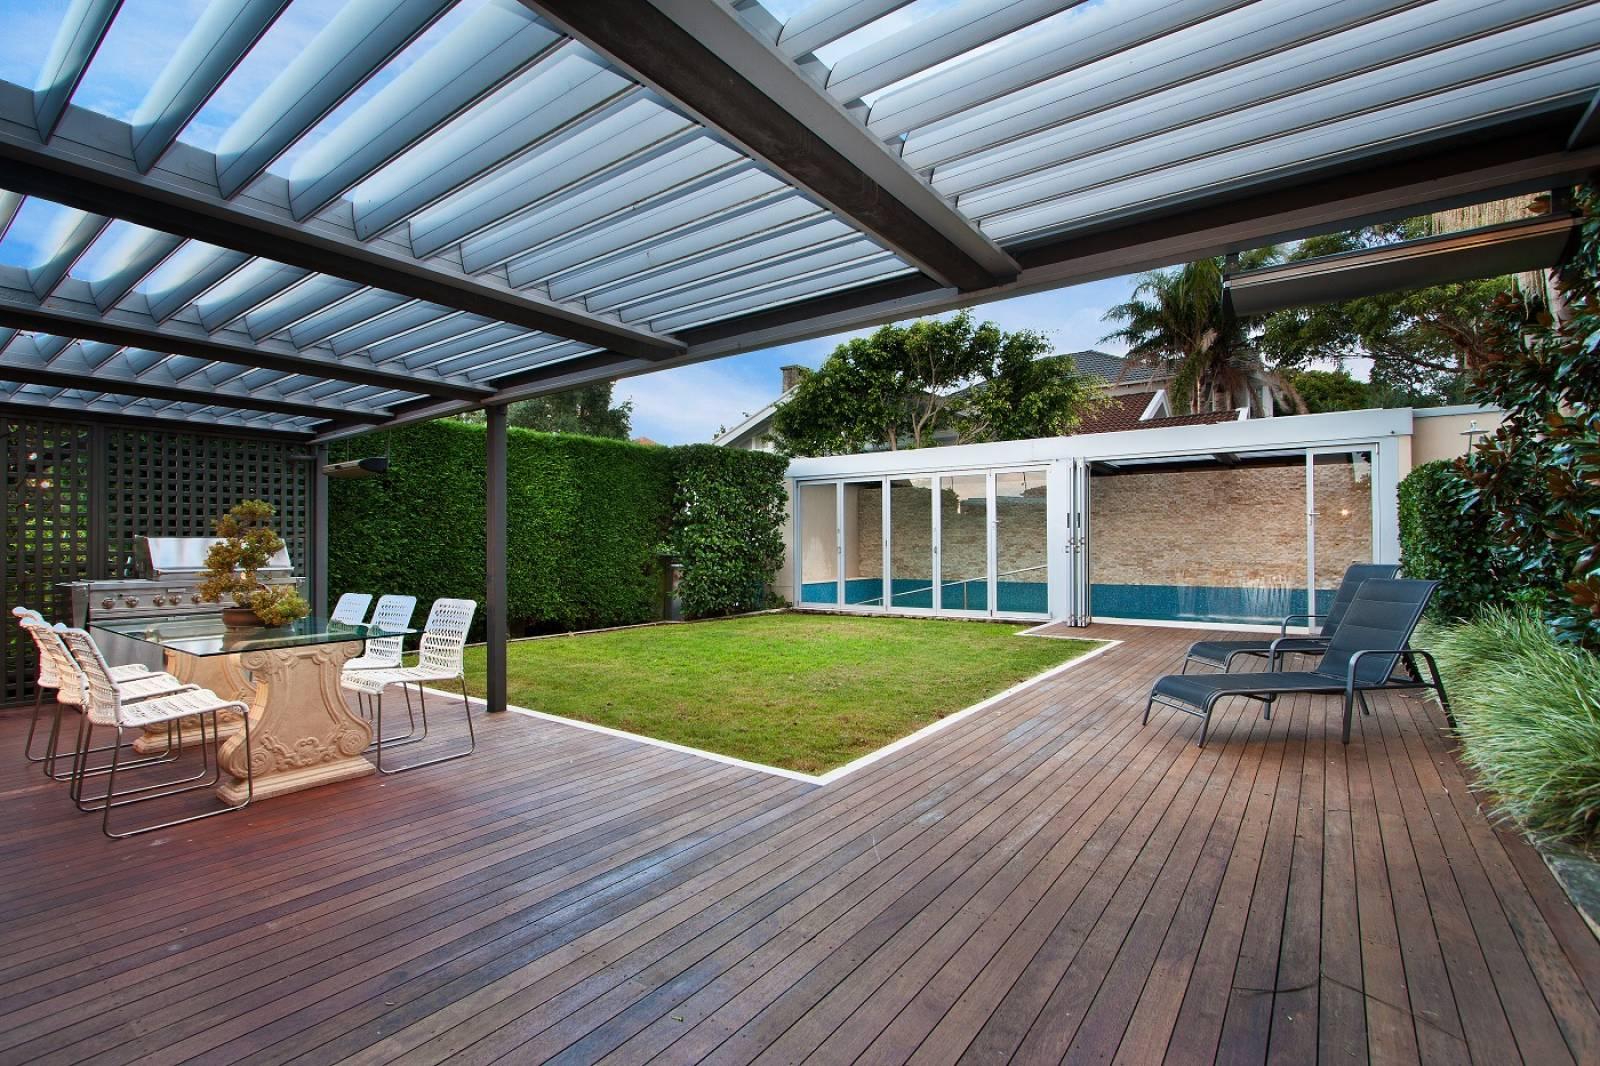 Projet De Rénovation Extérieur Avec Aménagement De Terrasse ... avec Amenagement De Terrasse